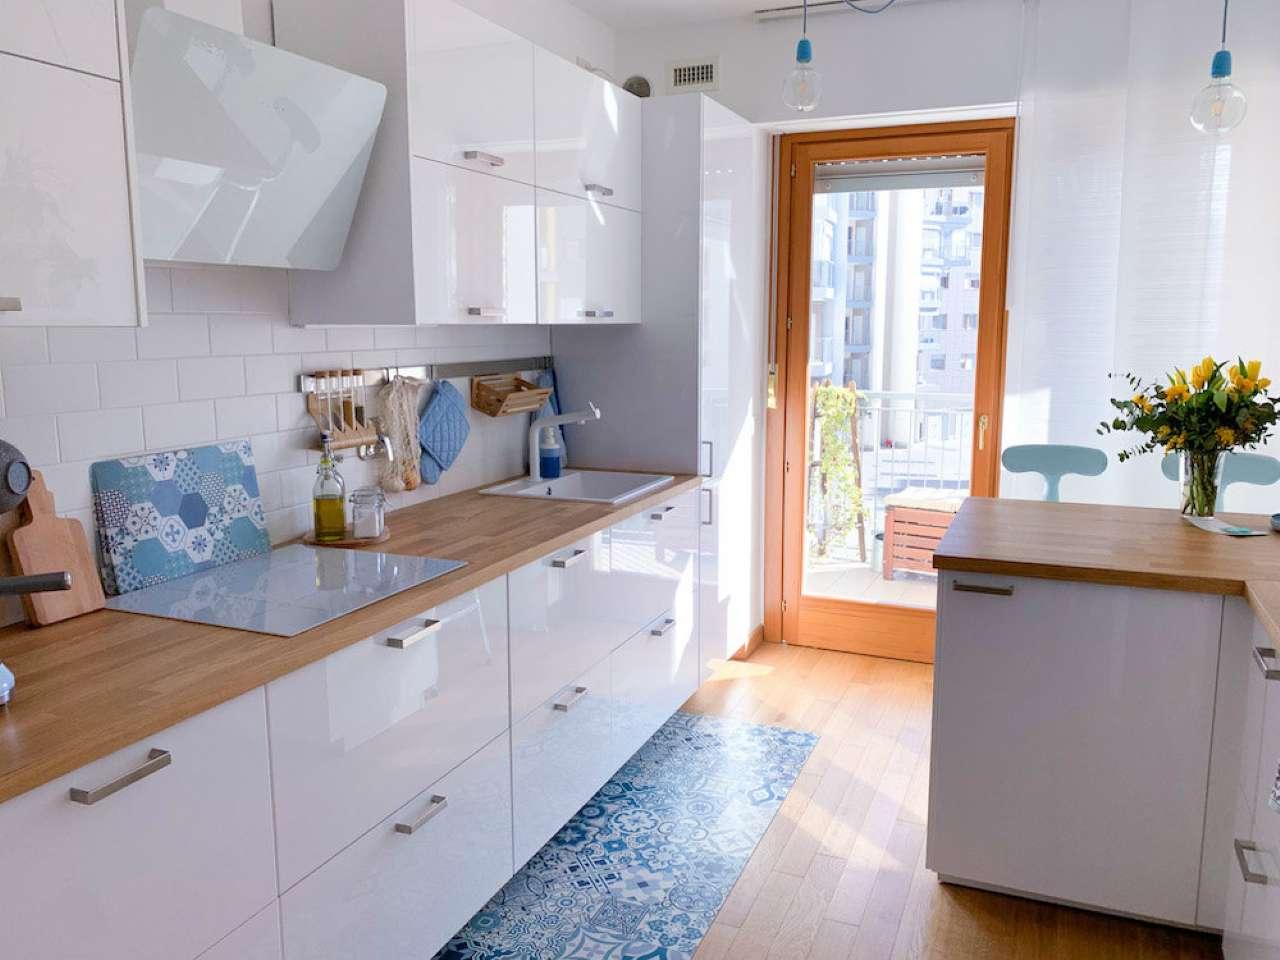 Appartamento in vendita a Torino, 4 locali, zona San Paolo, Cenisia, prezzo € 310.000   PortaleAgenzieImmobiliari.it